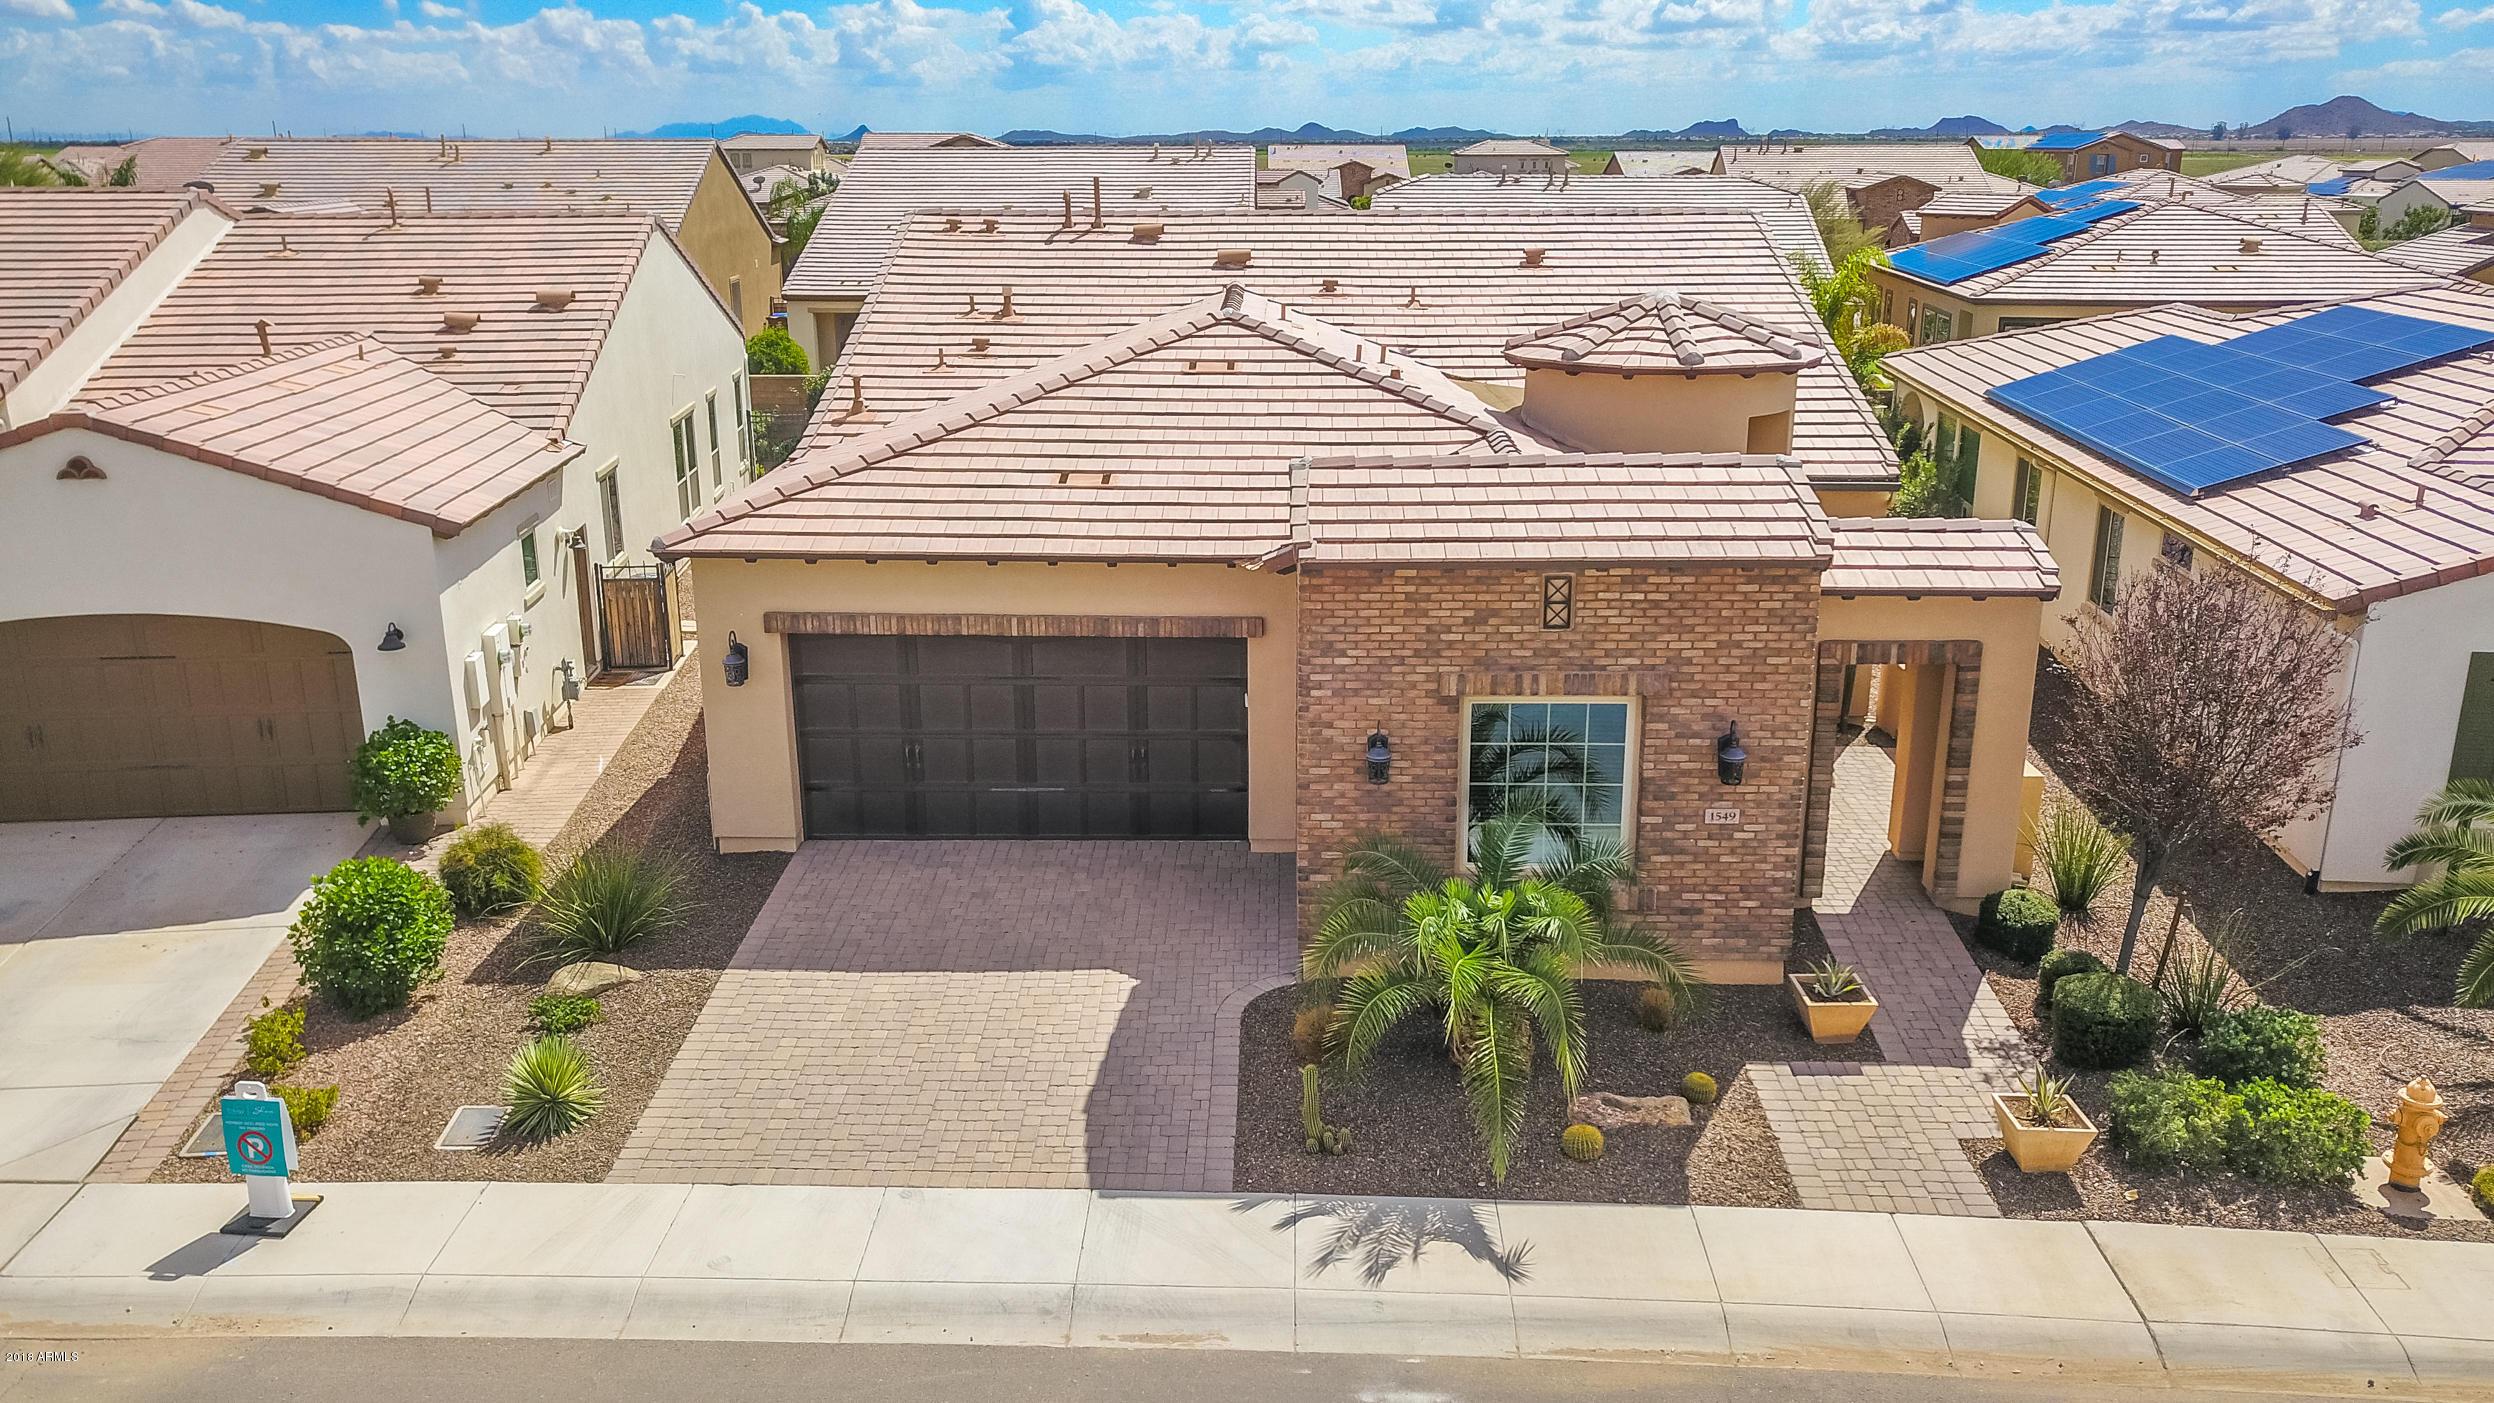 Photo for 1549 E Verde Boulevard, San Tan Valley, AZ 85140 (MLS # 5825107)